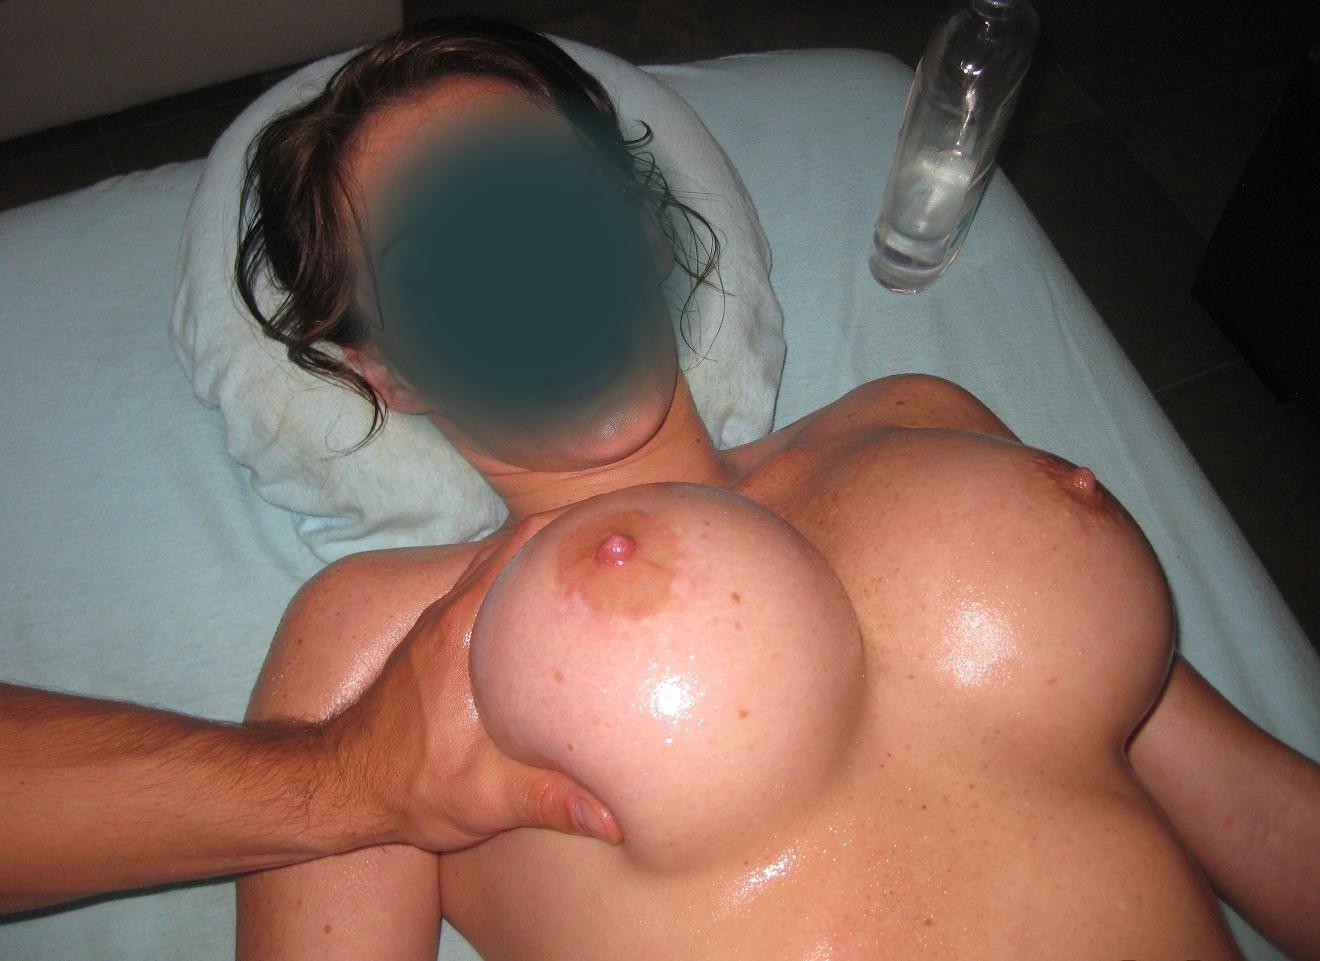 thaise erotische massage rotterdam cam direct amateur